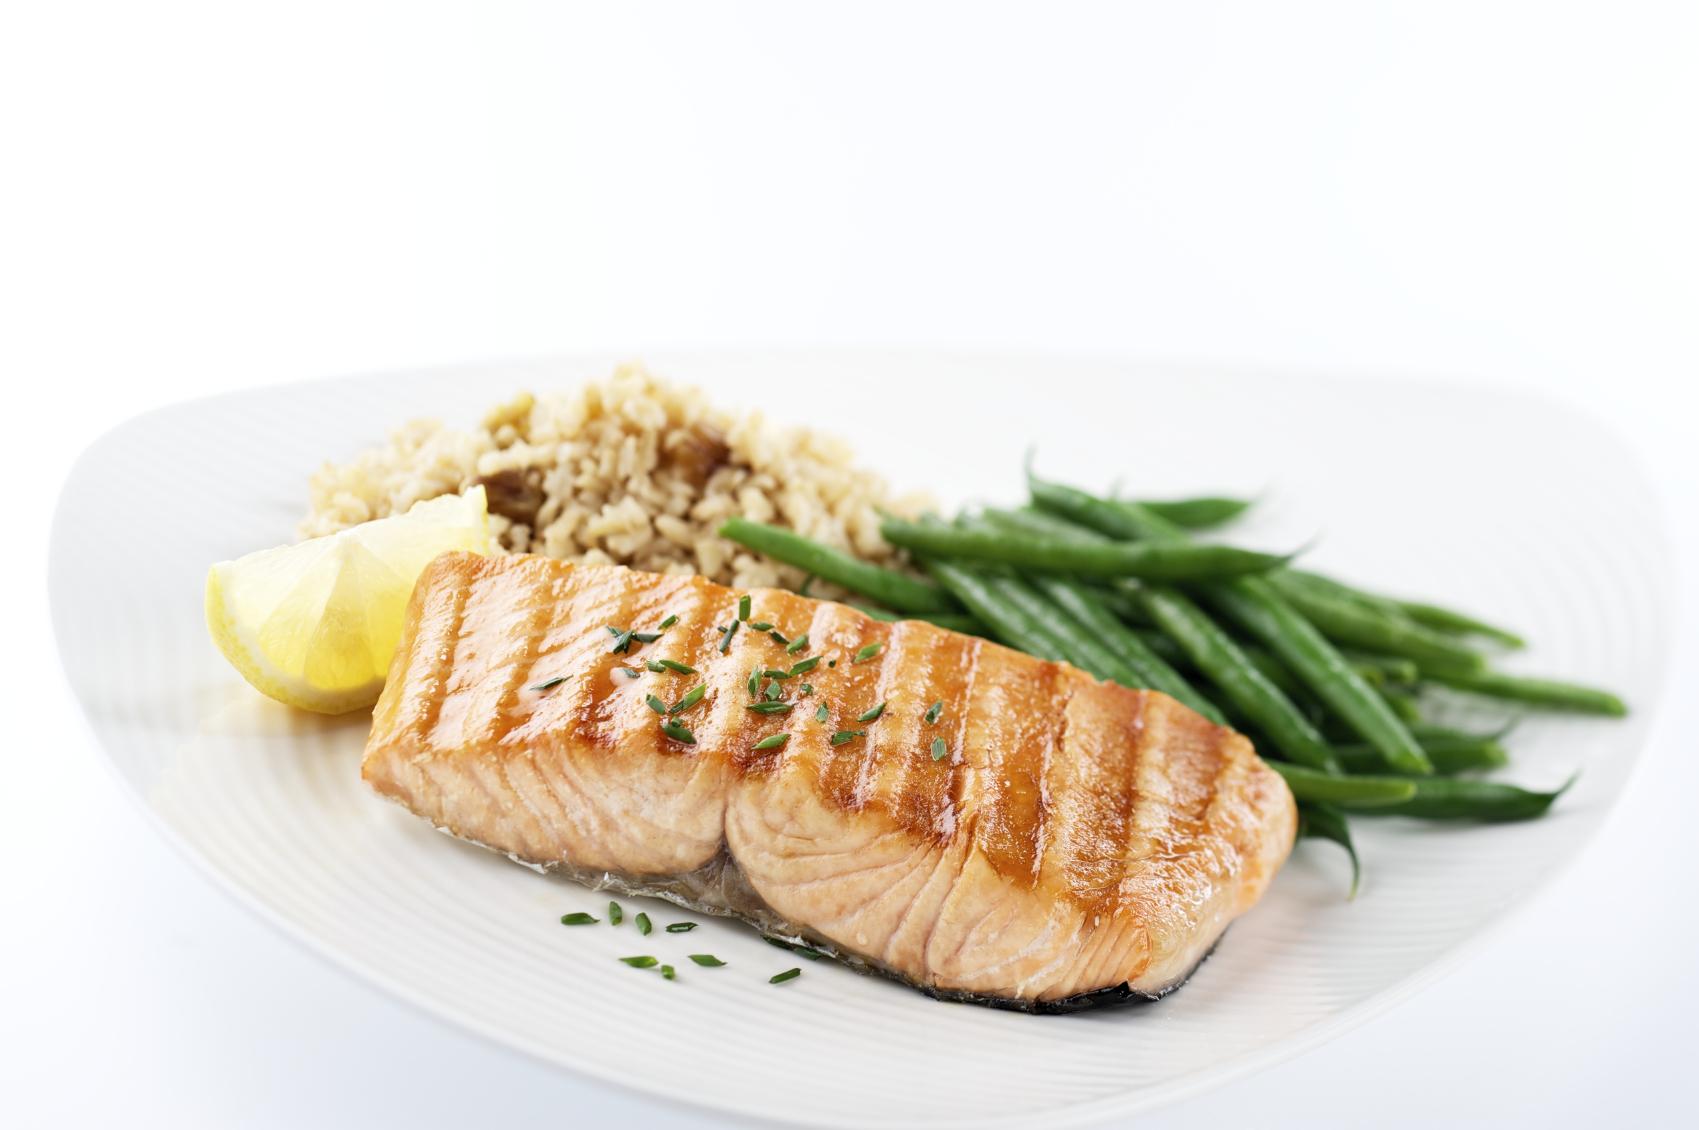 Senior Health Retirement Communities, Salmon Dinner